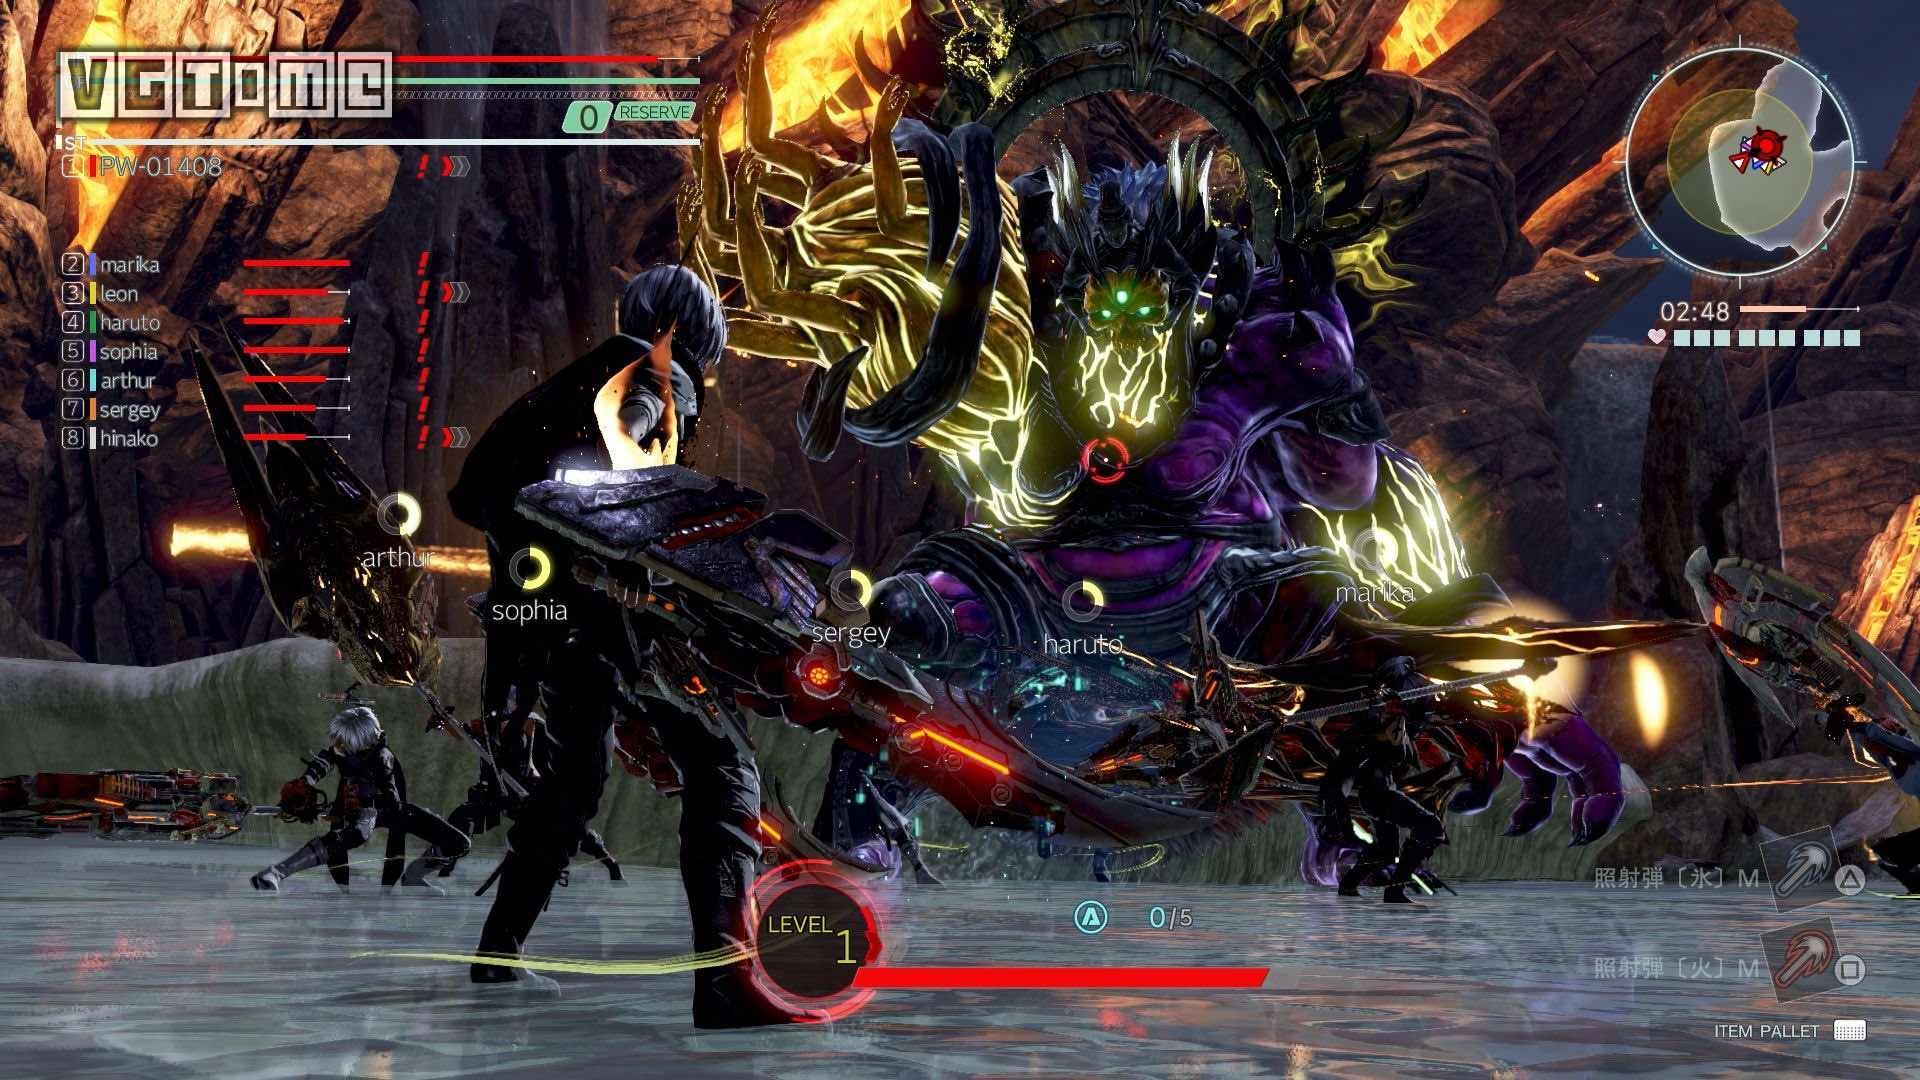 《噬神者3》将于11月29日推出改良版Demo